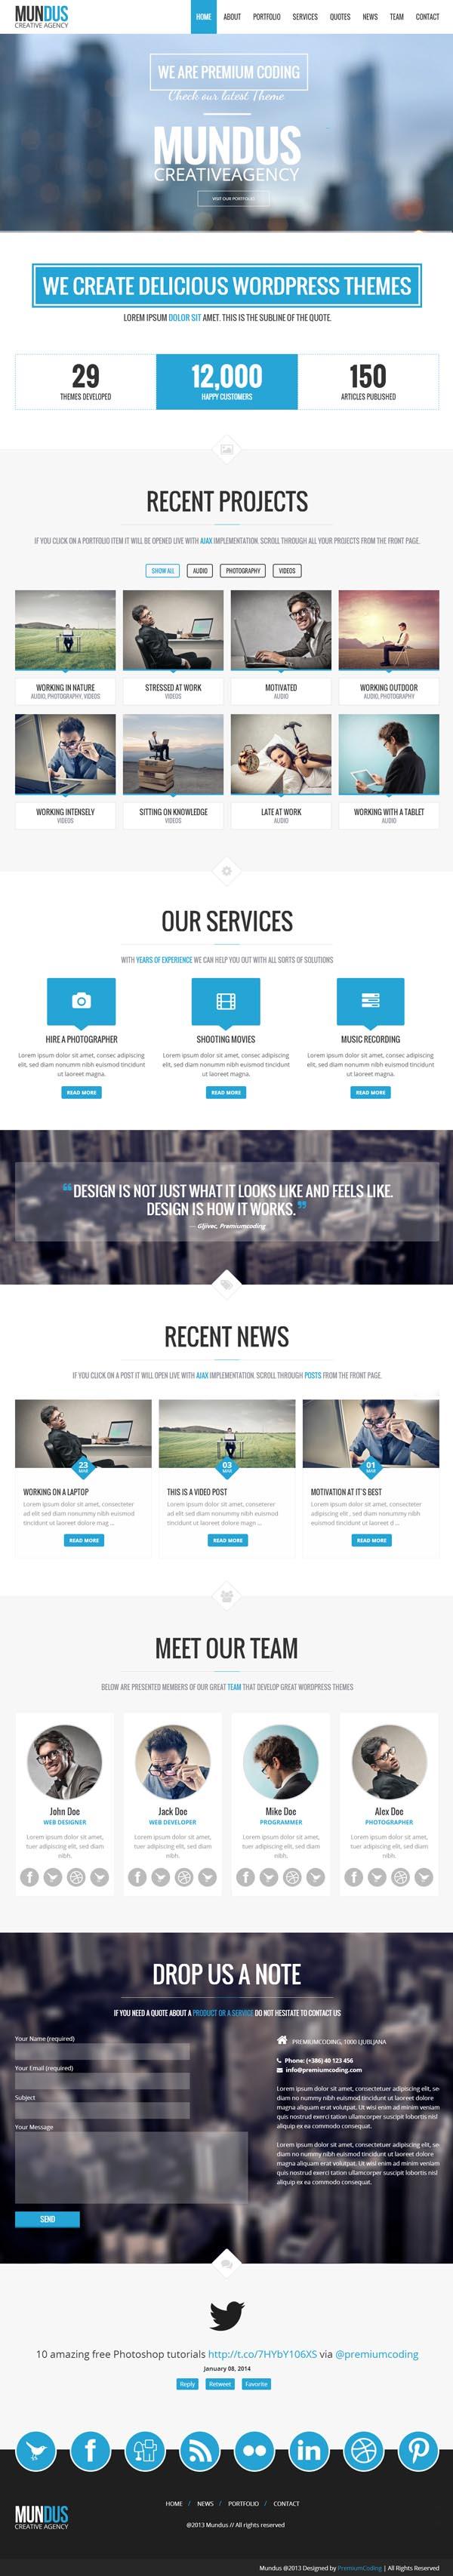 Mundus - A Business One Page WordPress Theme